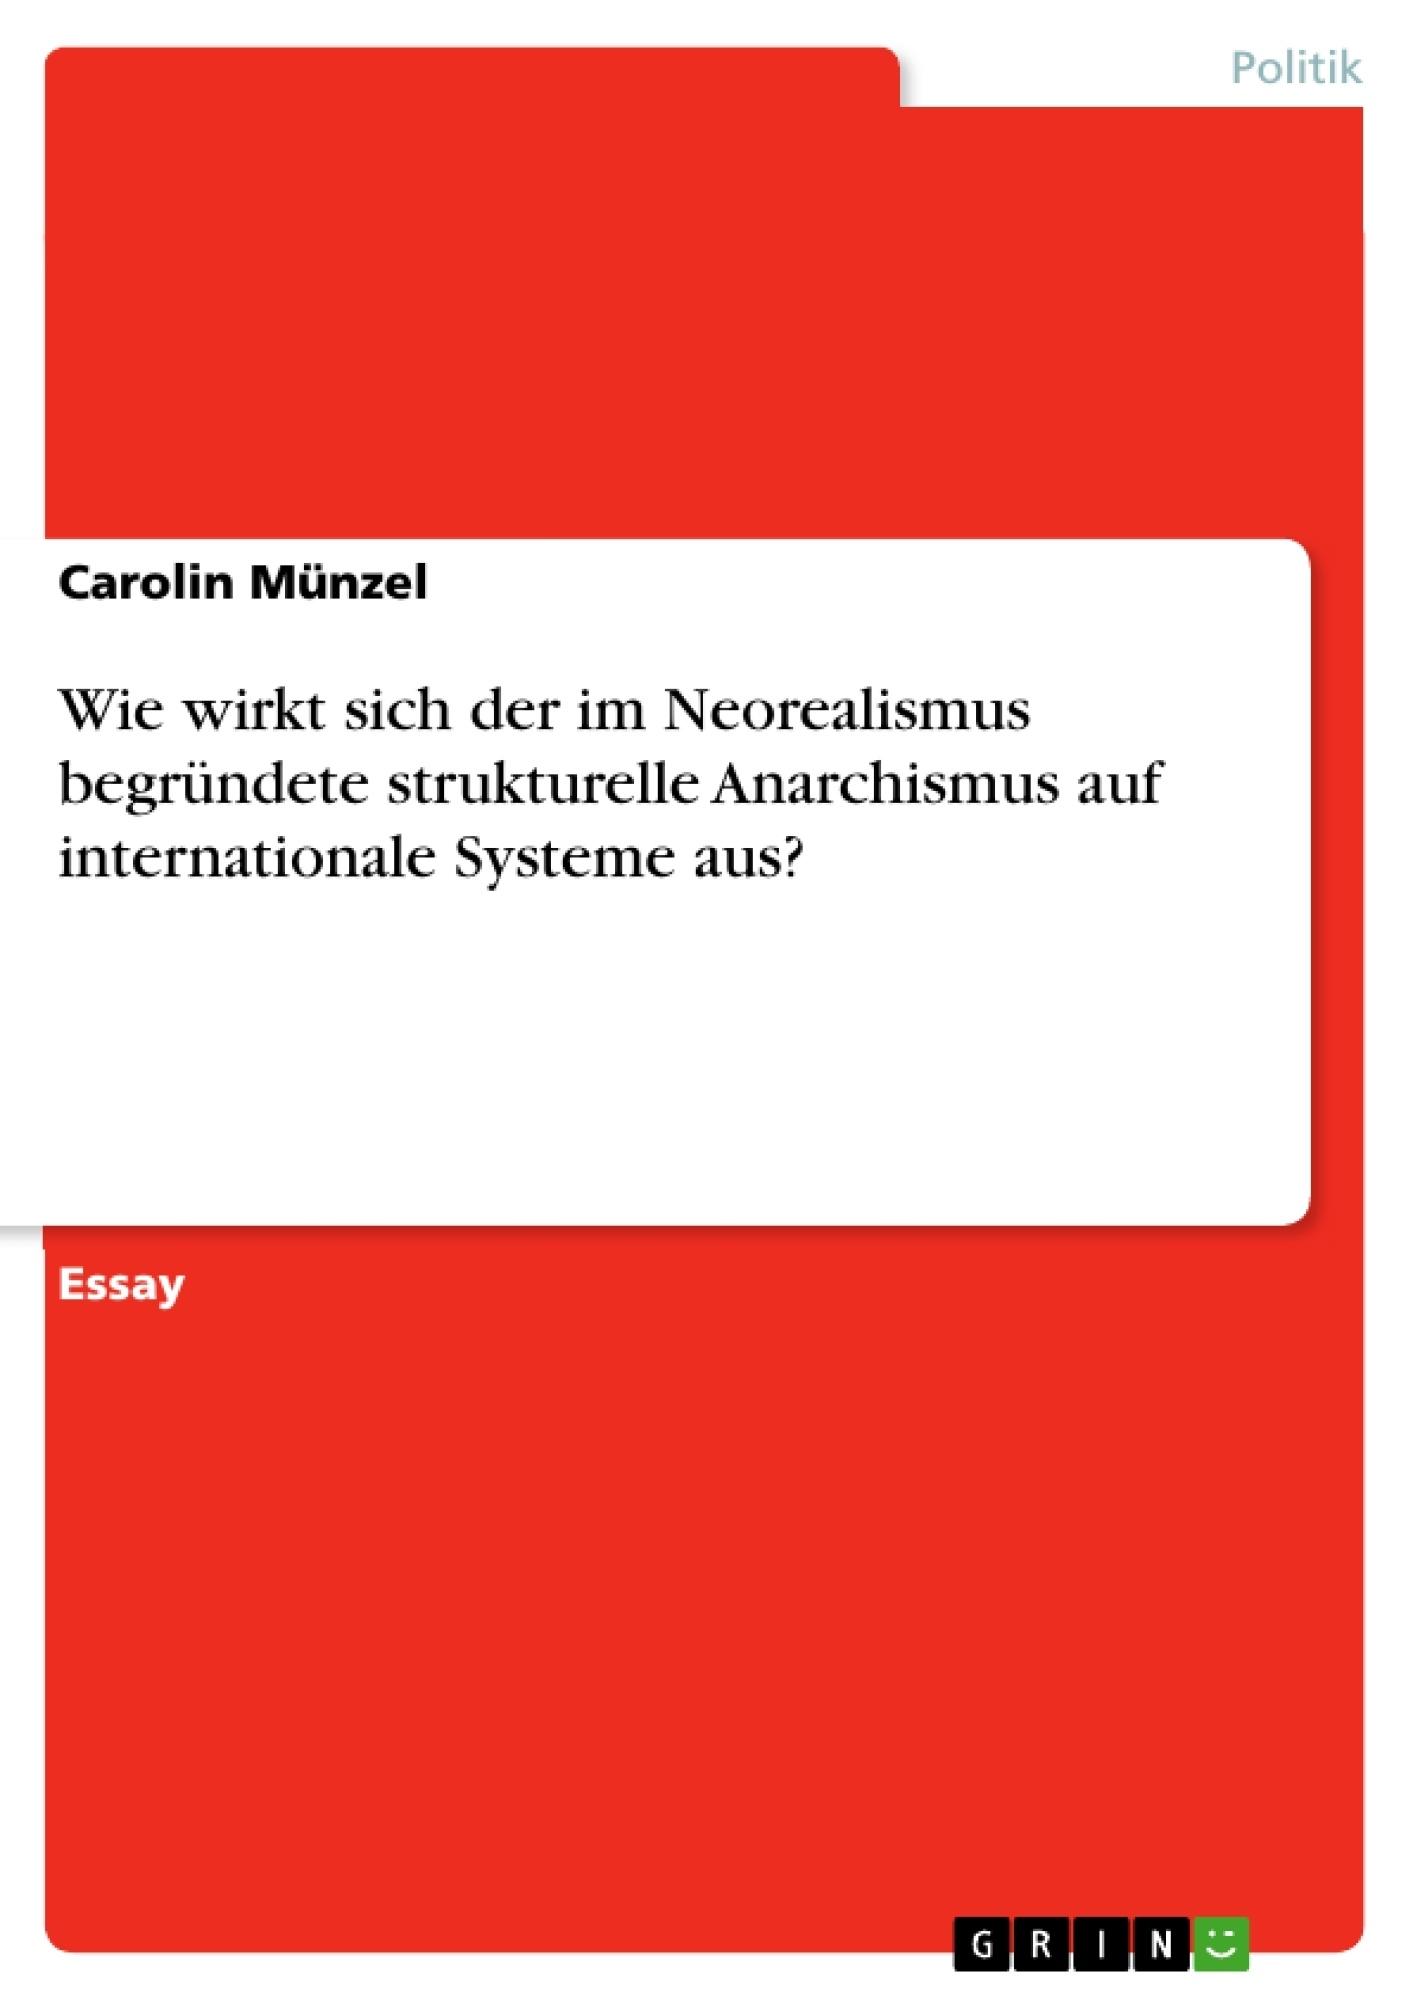 Titel: Wie wirkt sich der im Neorealismus begründete strukturelle Anarchismus auf internationale Systeme aus?